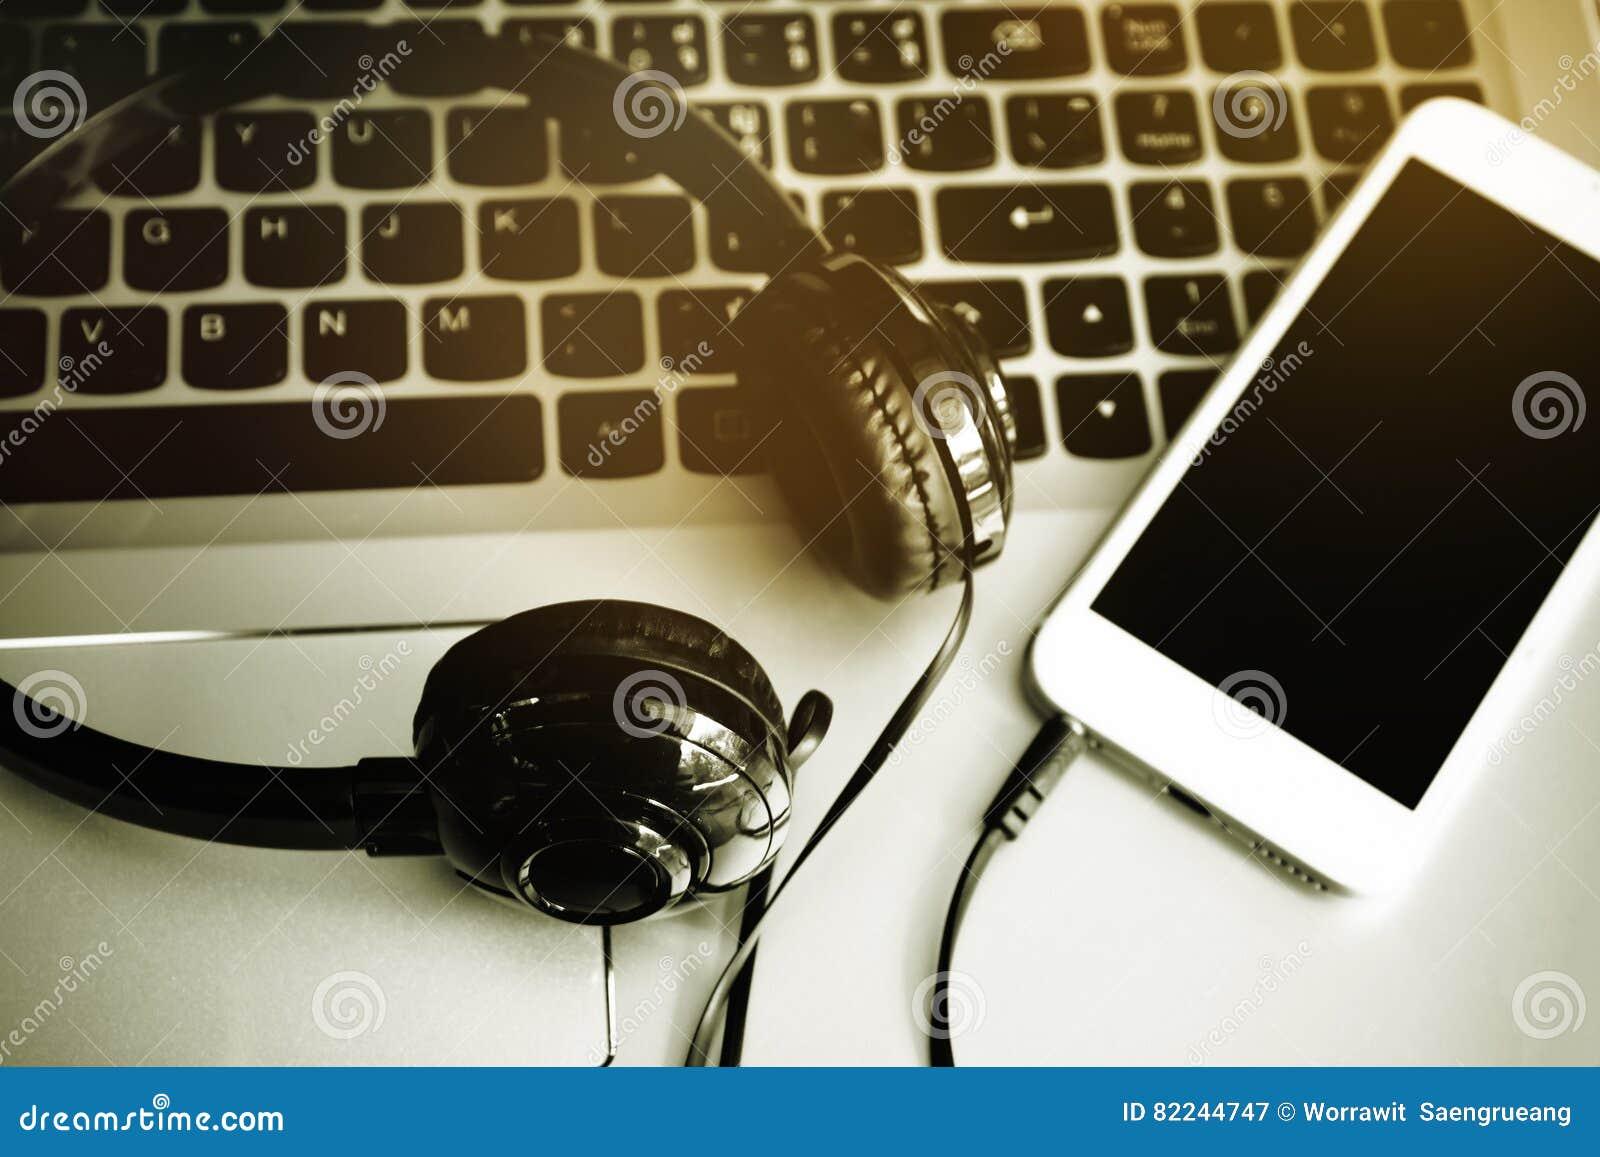 Jio phone में mp3 गाने कैसे download करे। how to.